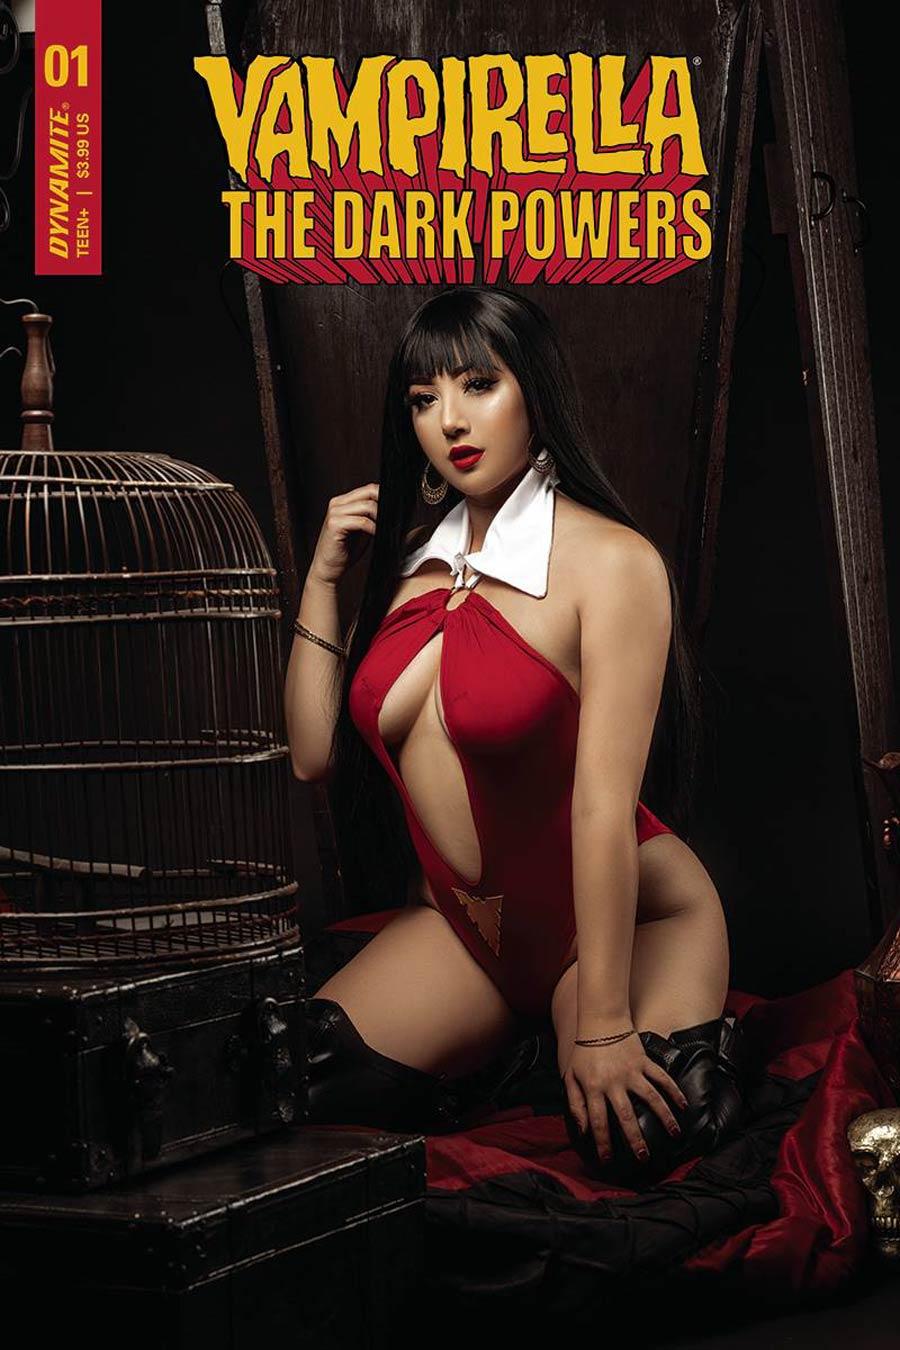 Vampirella The Dark Powers #1 Cover E Variant Marissa Ramirez Cosplay Photo Cover